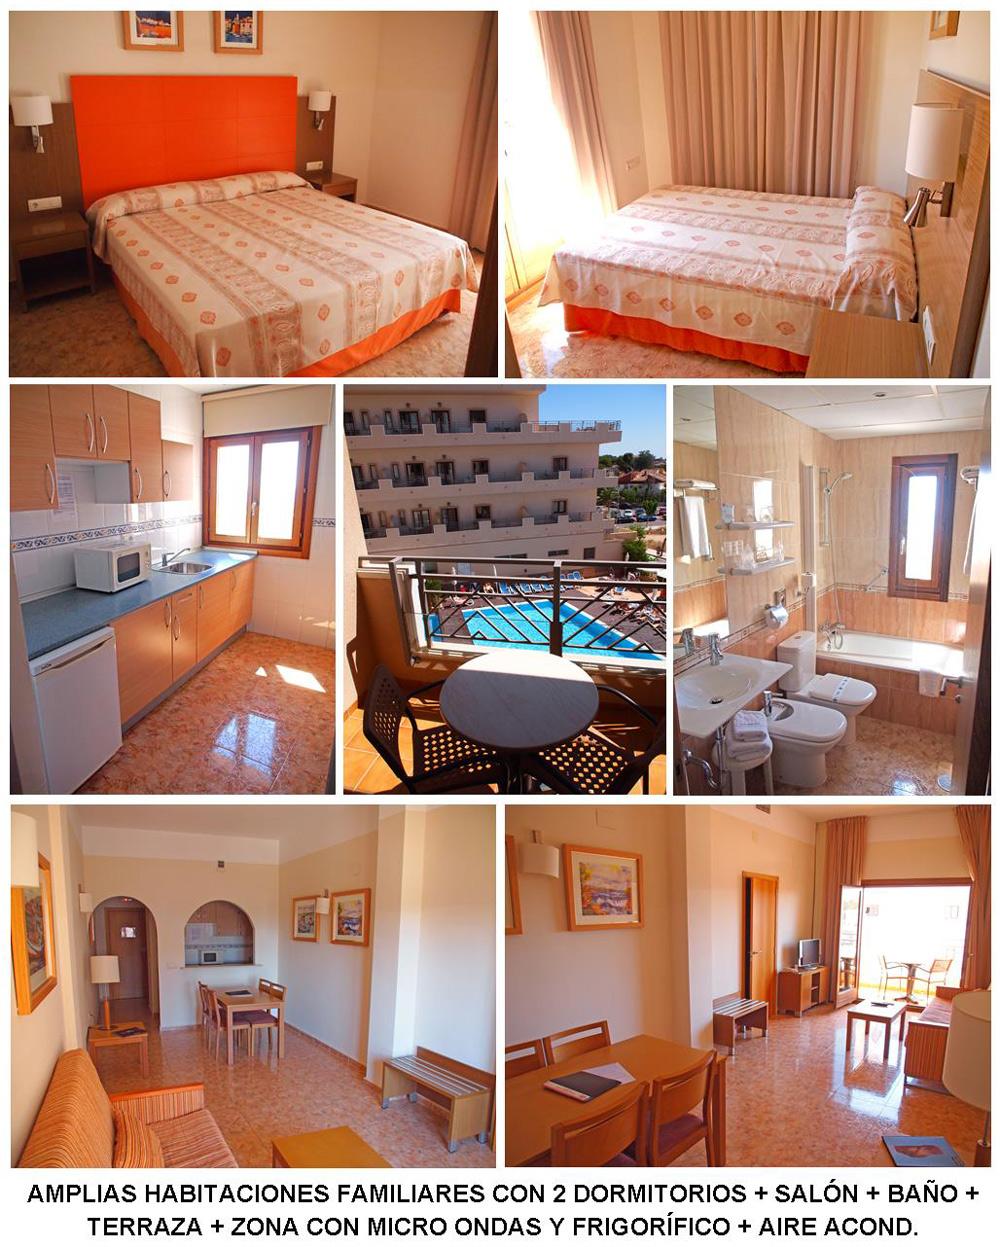 Hotel costa narejos las habitaciones del hotel costa narejos for Hotel barcelona habitacion familiar